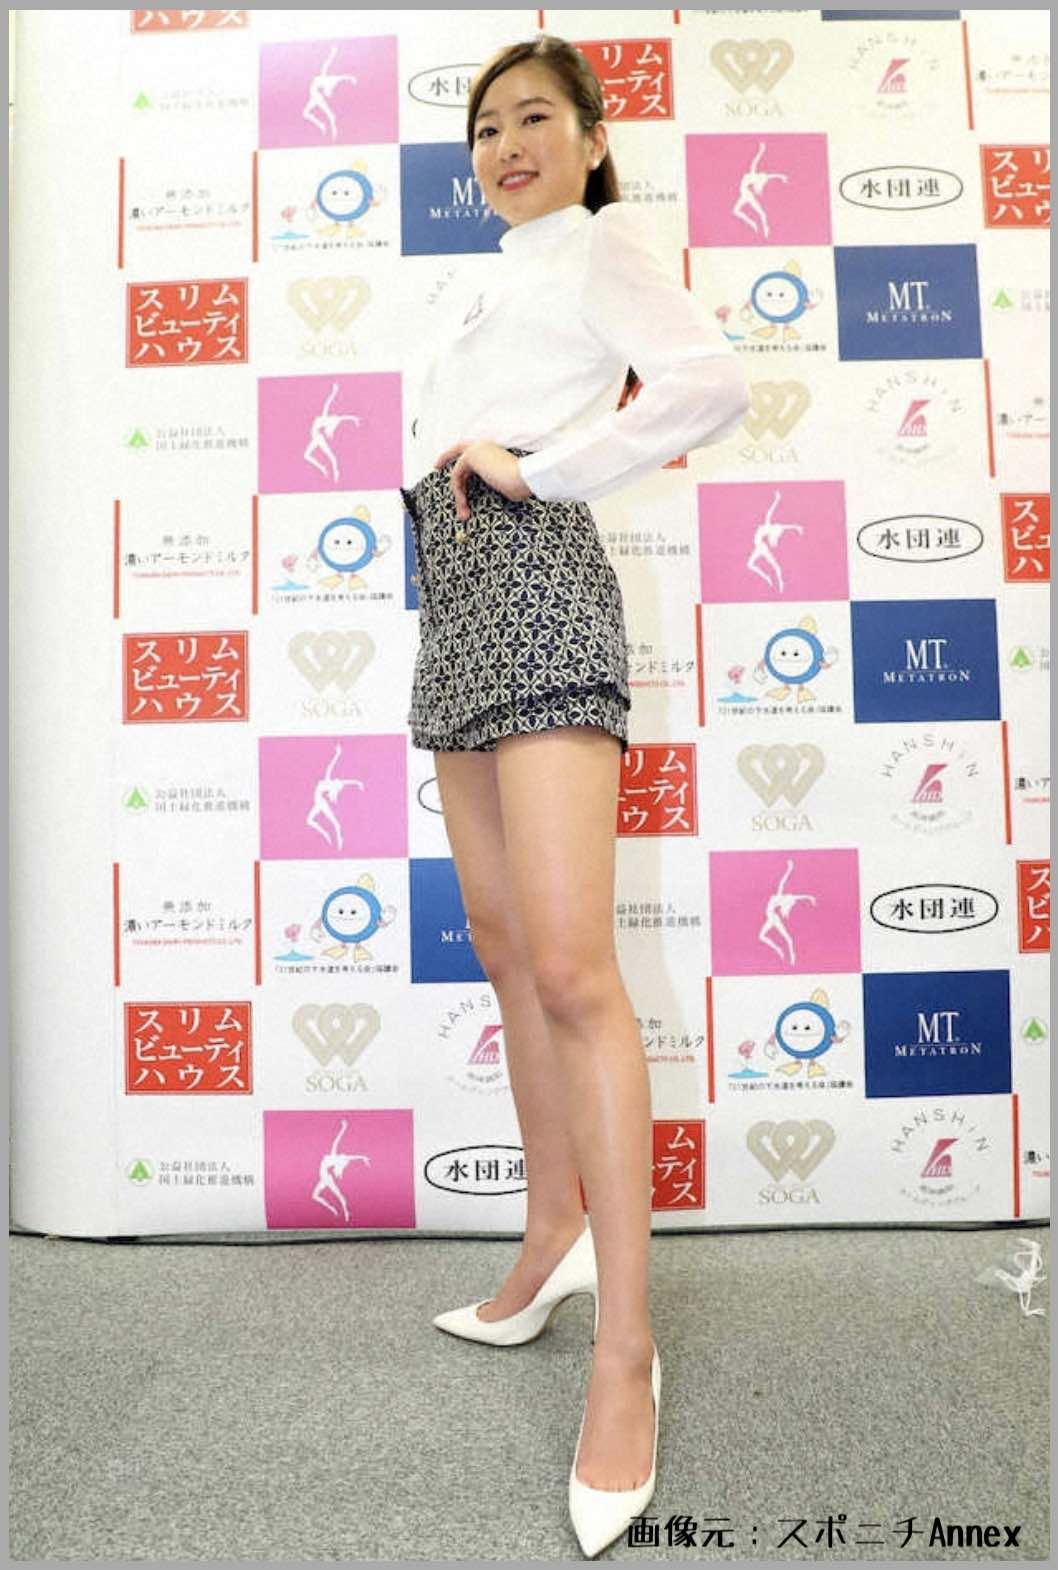 松井繁の娘・松井朝海が第53回ミス日本コンテスト2021のファイナリストで美脚